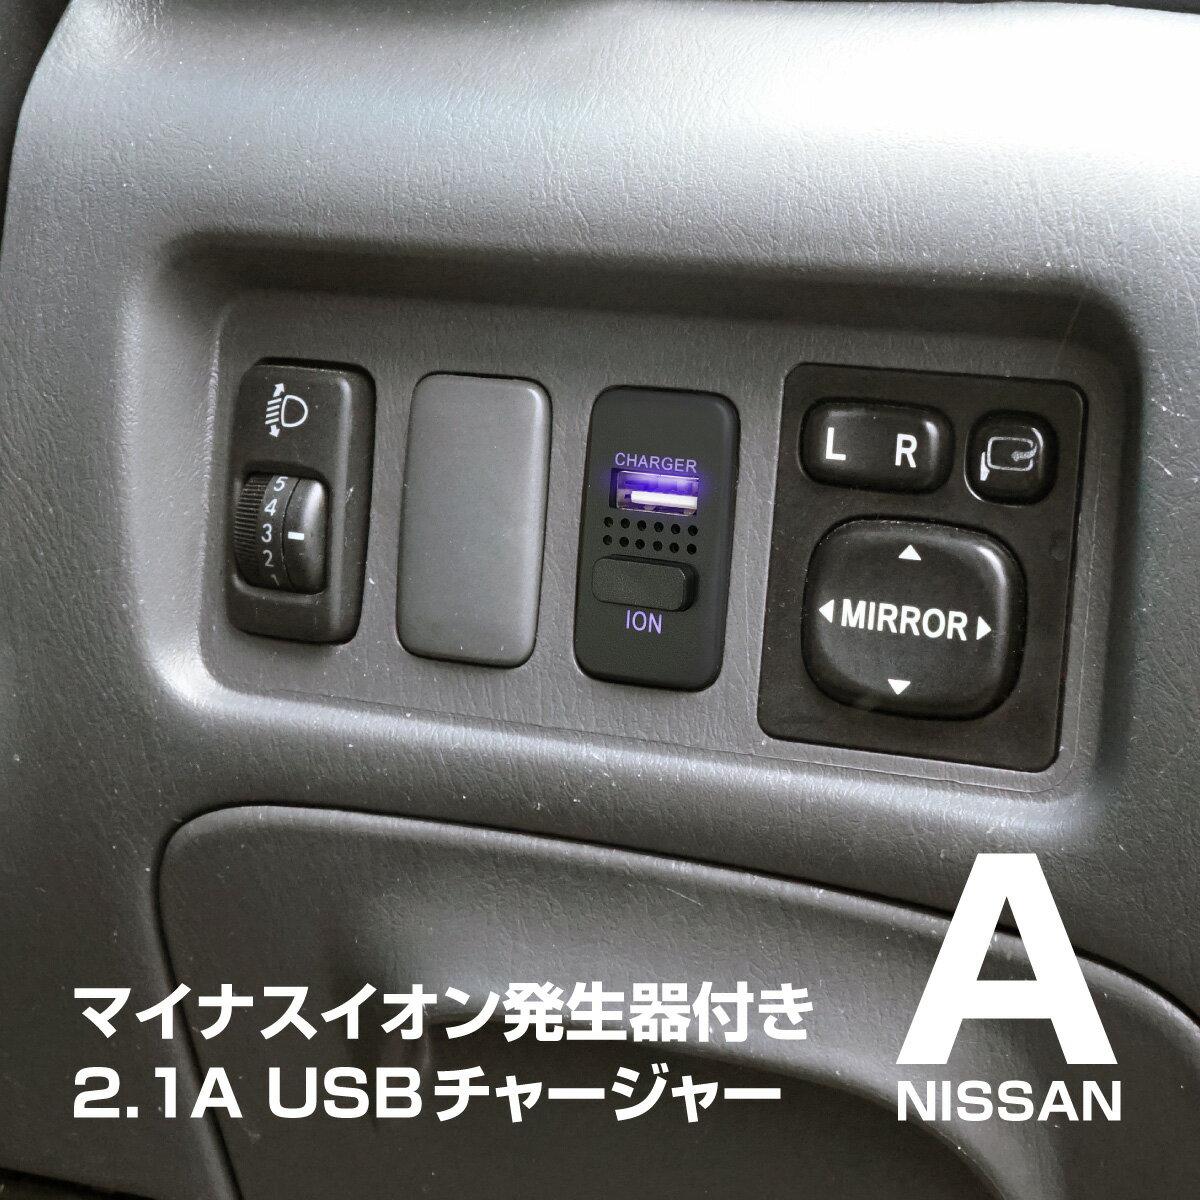 日産 汎用 純正スイッチポート用 USBチャージャー 2.1A 5V 充電 空気清浄機能 マイナスイオン 消臭 LED/ブルー スマホ 車 NISSAN ニッサン あす楽対応 _59963